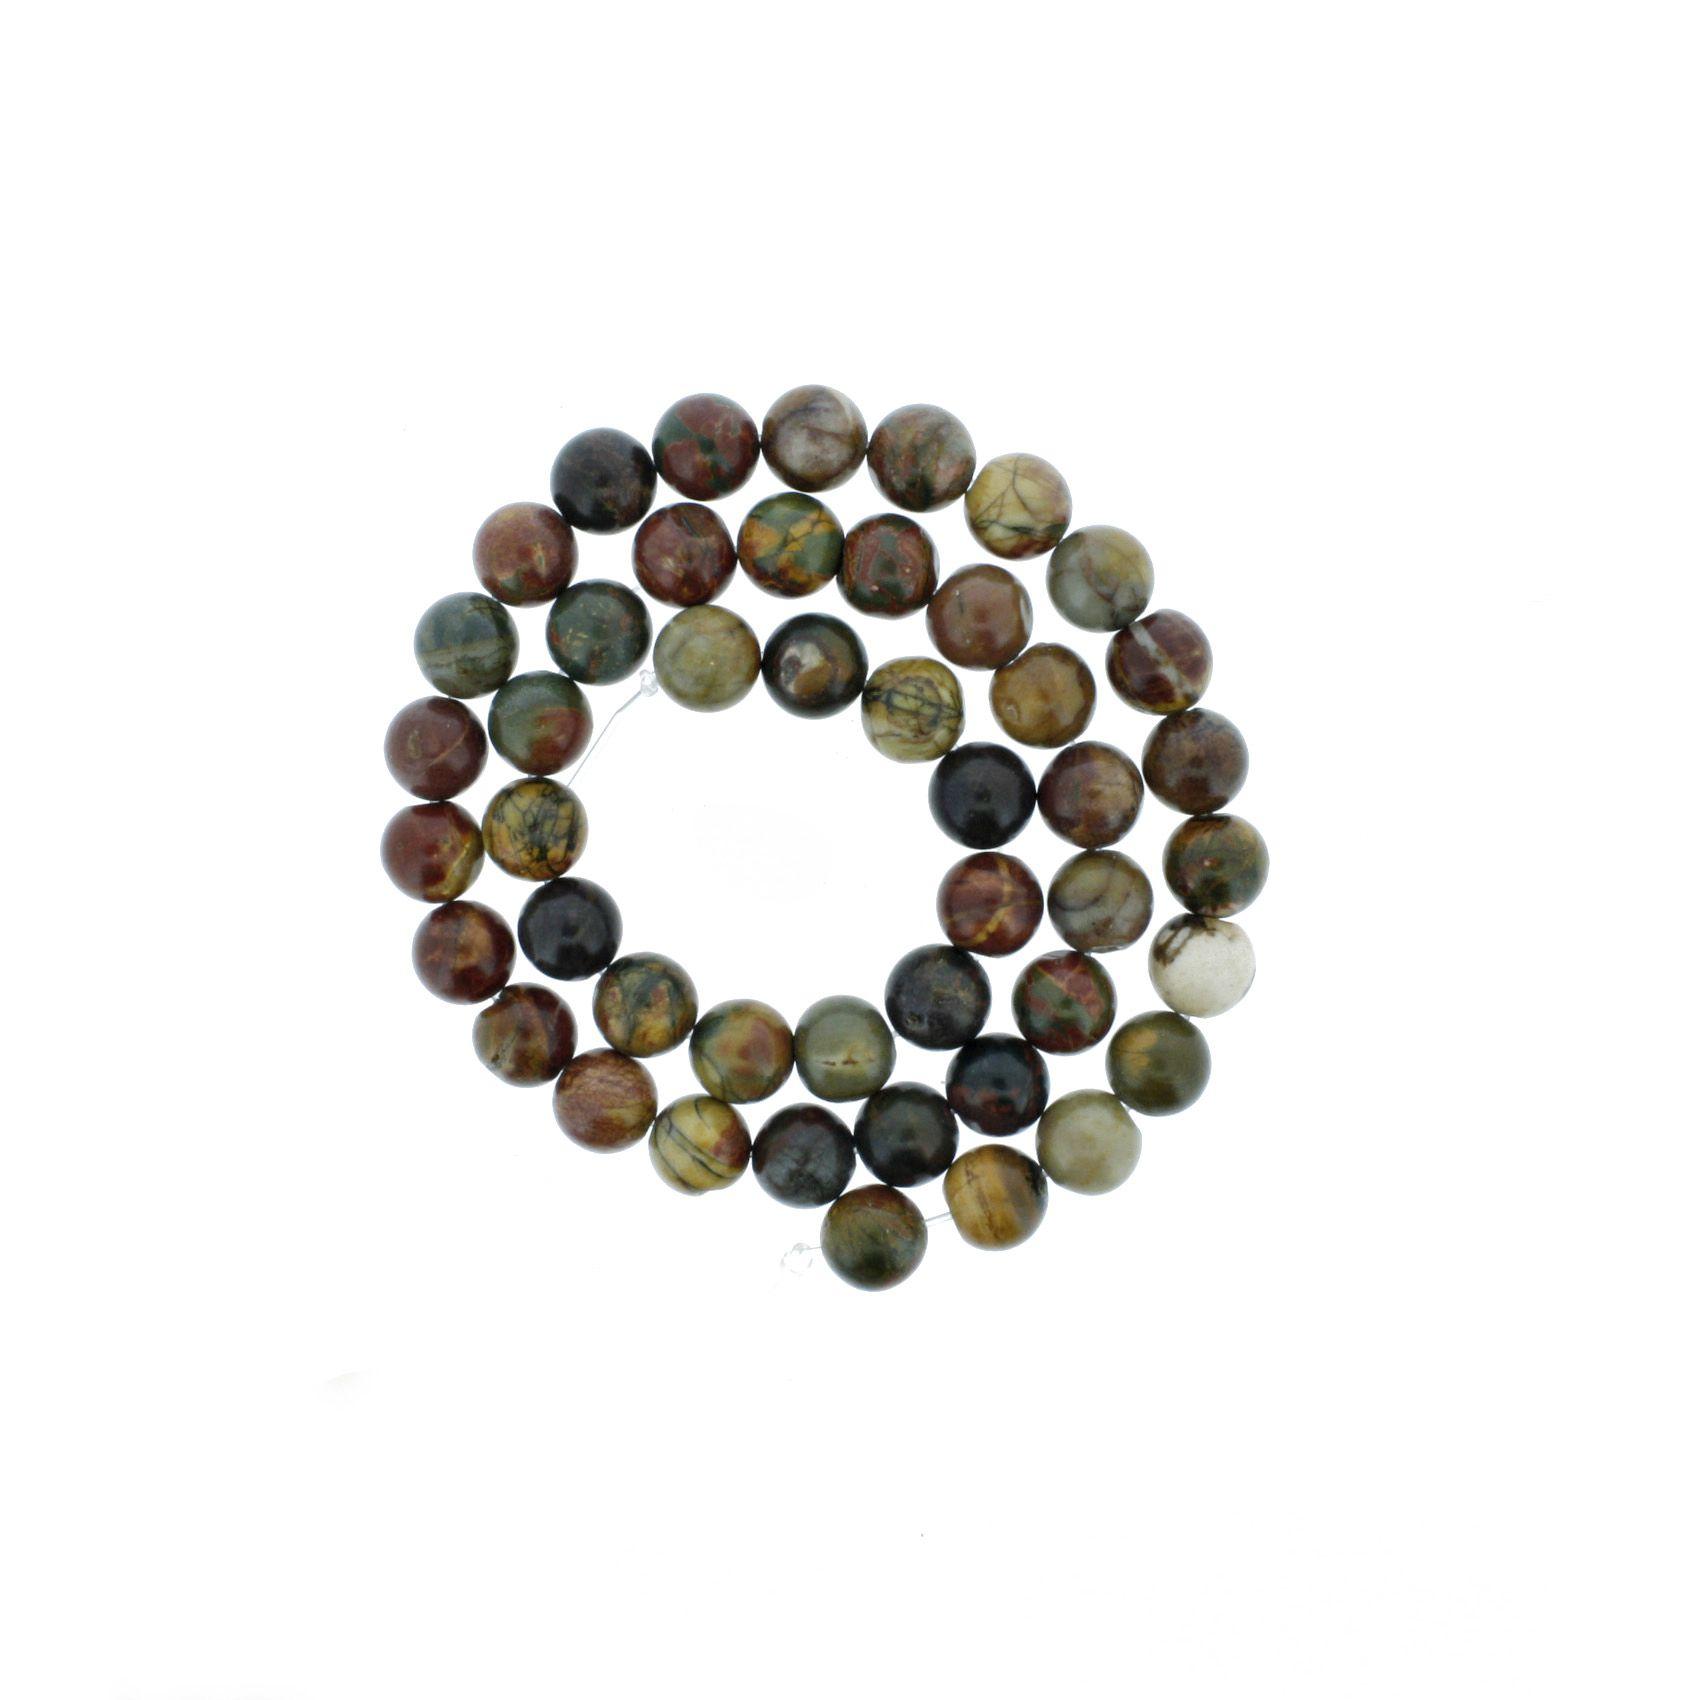 Fio de Pedra - Jaspe Mix - 8mm  - Stéphanie Bijoux® - Peças para Bijuterias e Artesanato